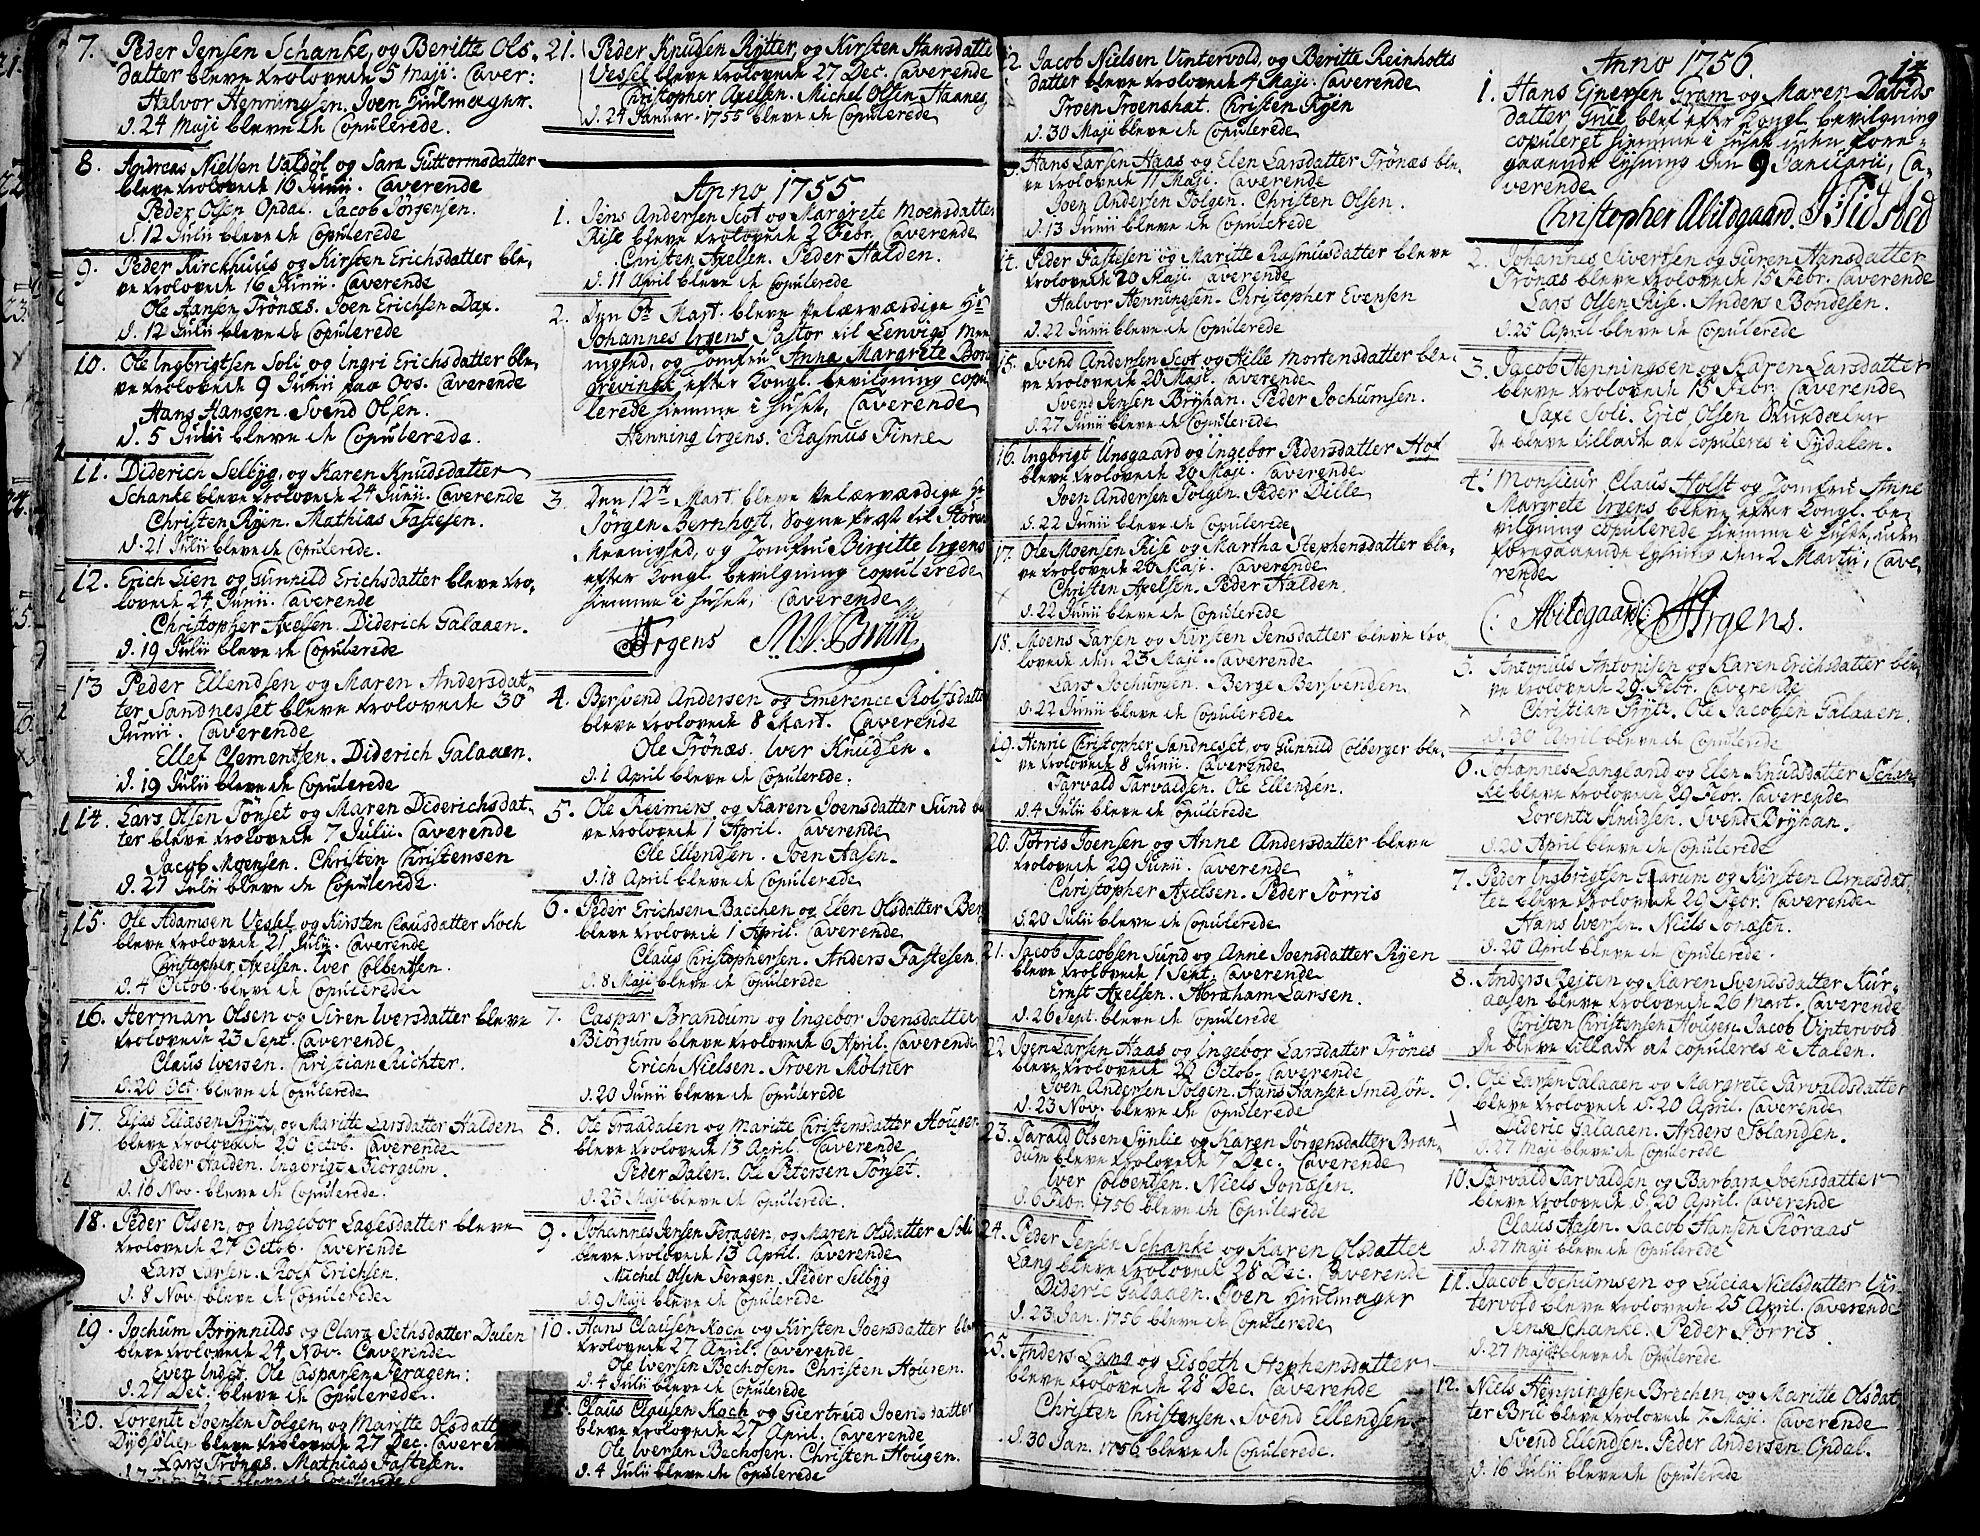 SAT, Ministerialprotokoller, klokkerbøker og fødselsregistre - Sør-Trøndelag, 681/L0925: Ministerialbok nr. 681A03, 1727-1766, s. 14